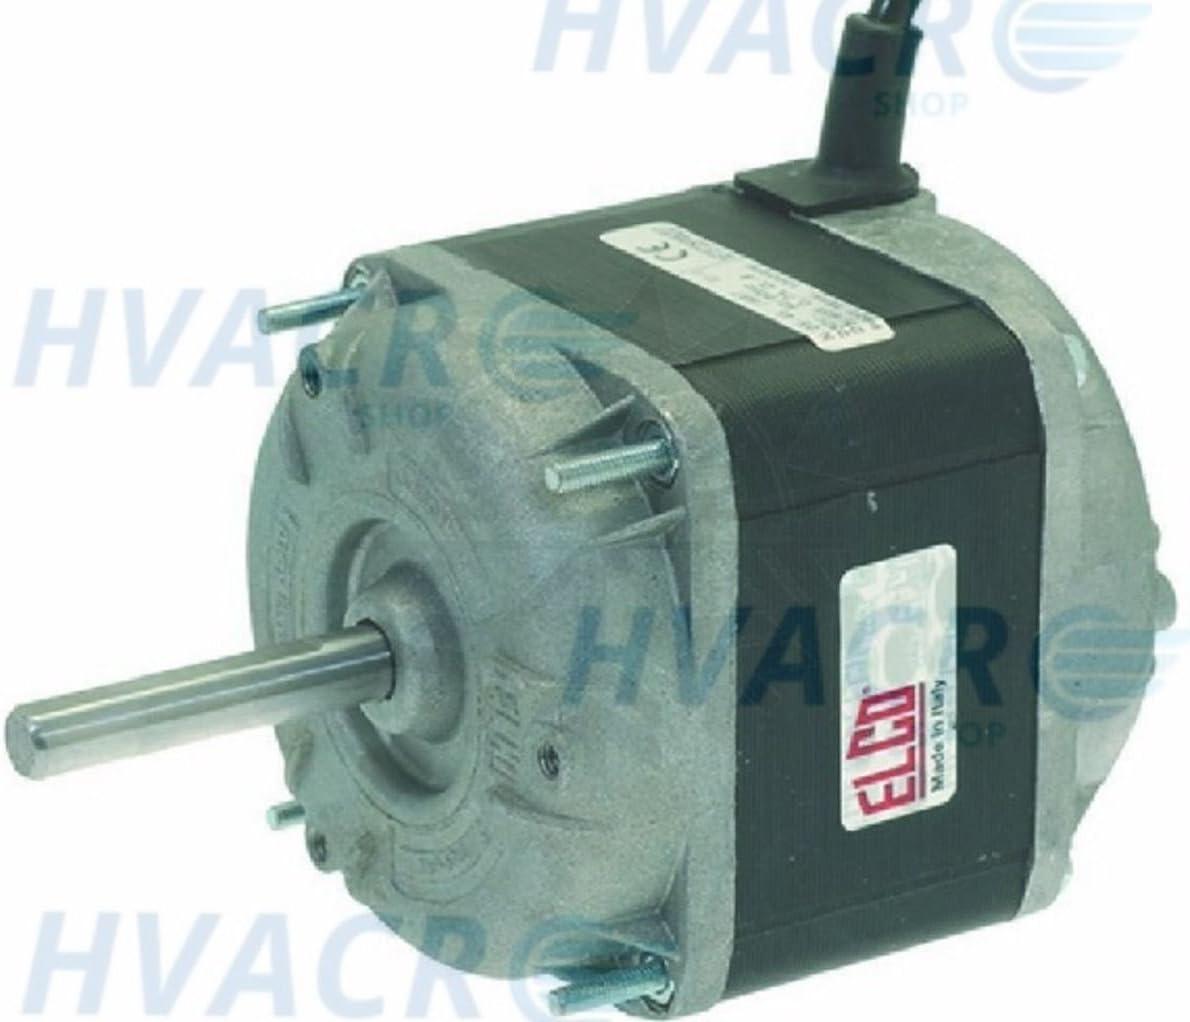 Motor Elco N 25-45/887 (230 V 50/60 Hz) para refrigerador y ...